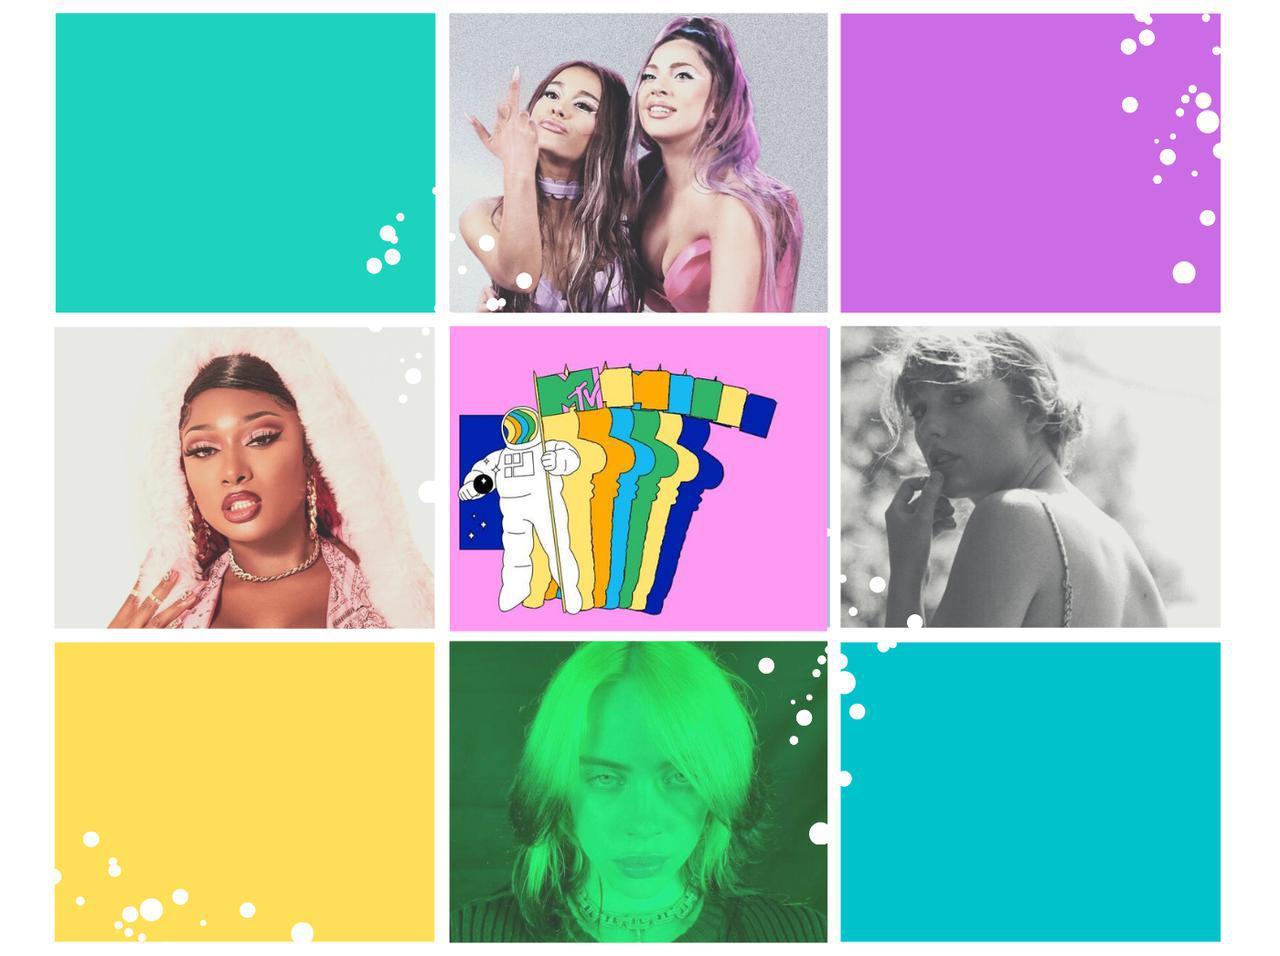 画像: 【結果速報】MTV VMA 2020の受賞者を発表 - フロントロウ -海外セレブ情報を発信